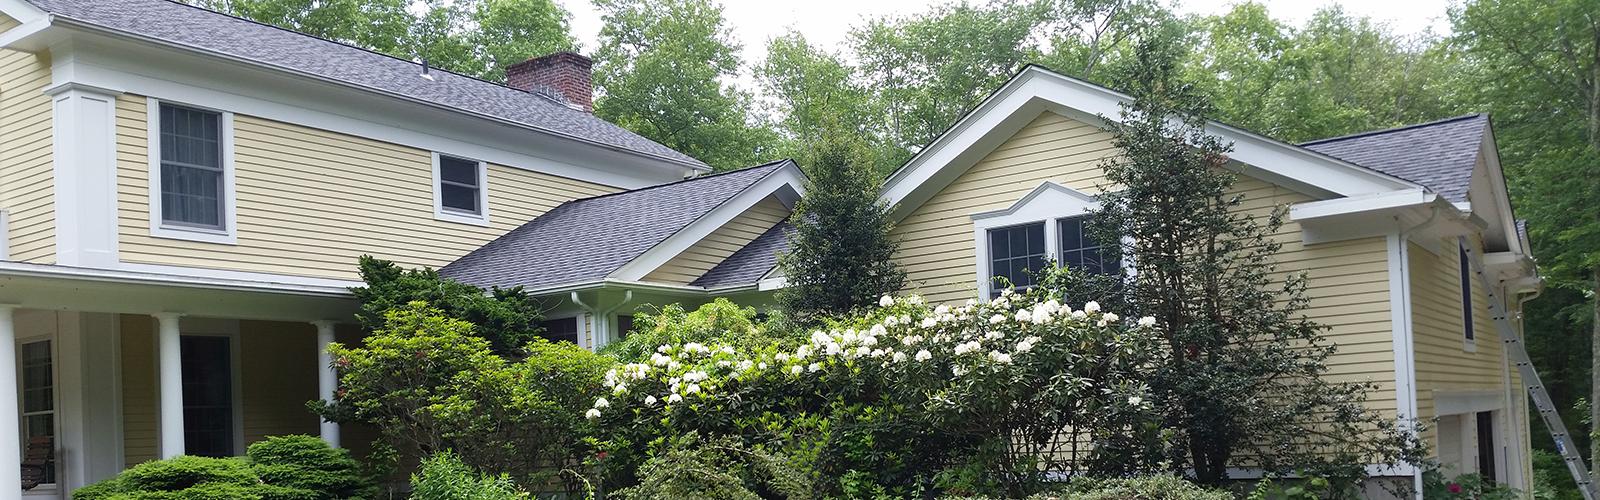 roofing contractors ct